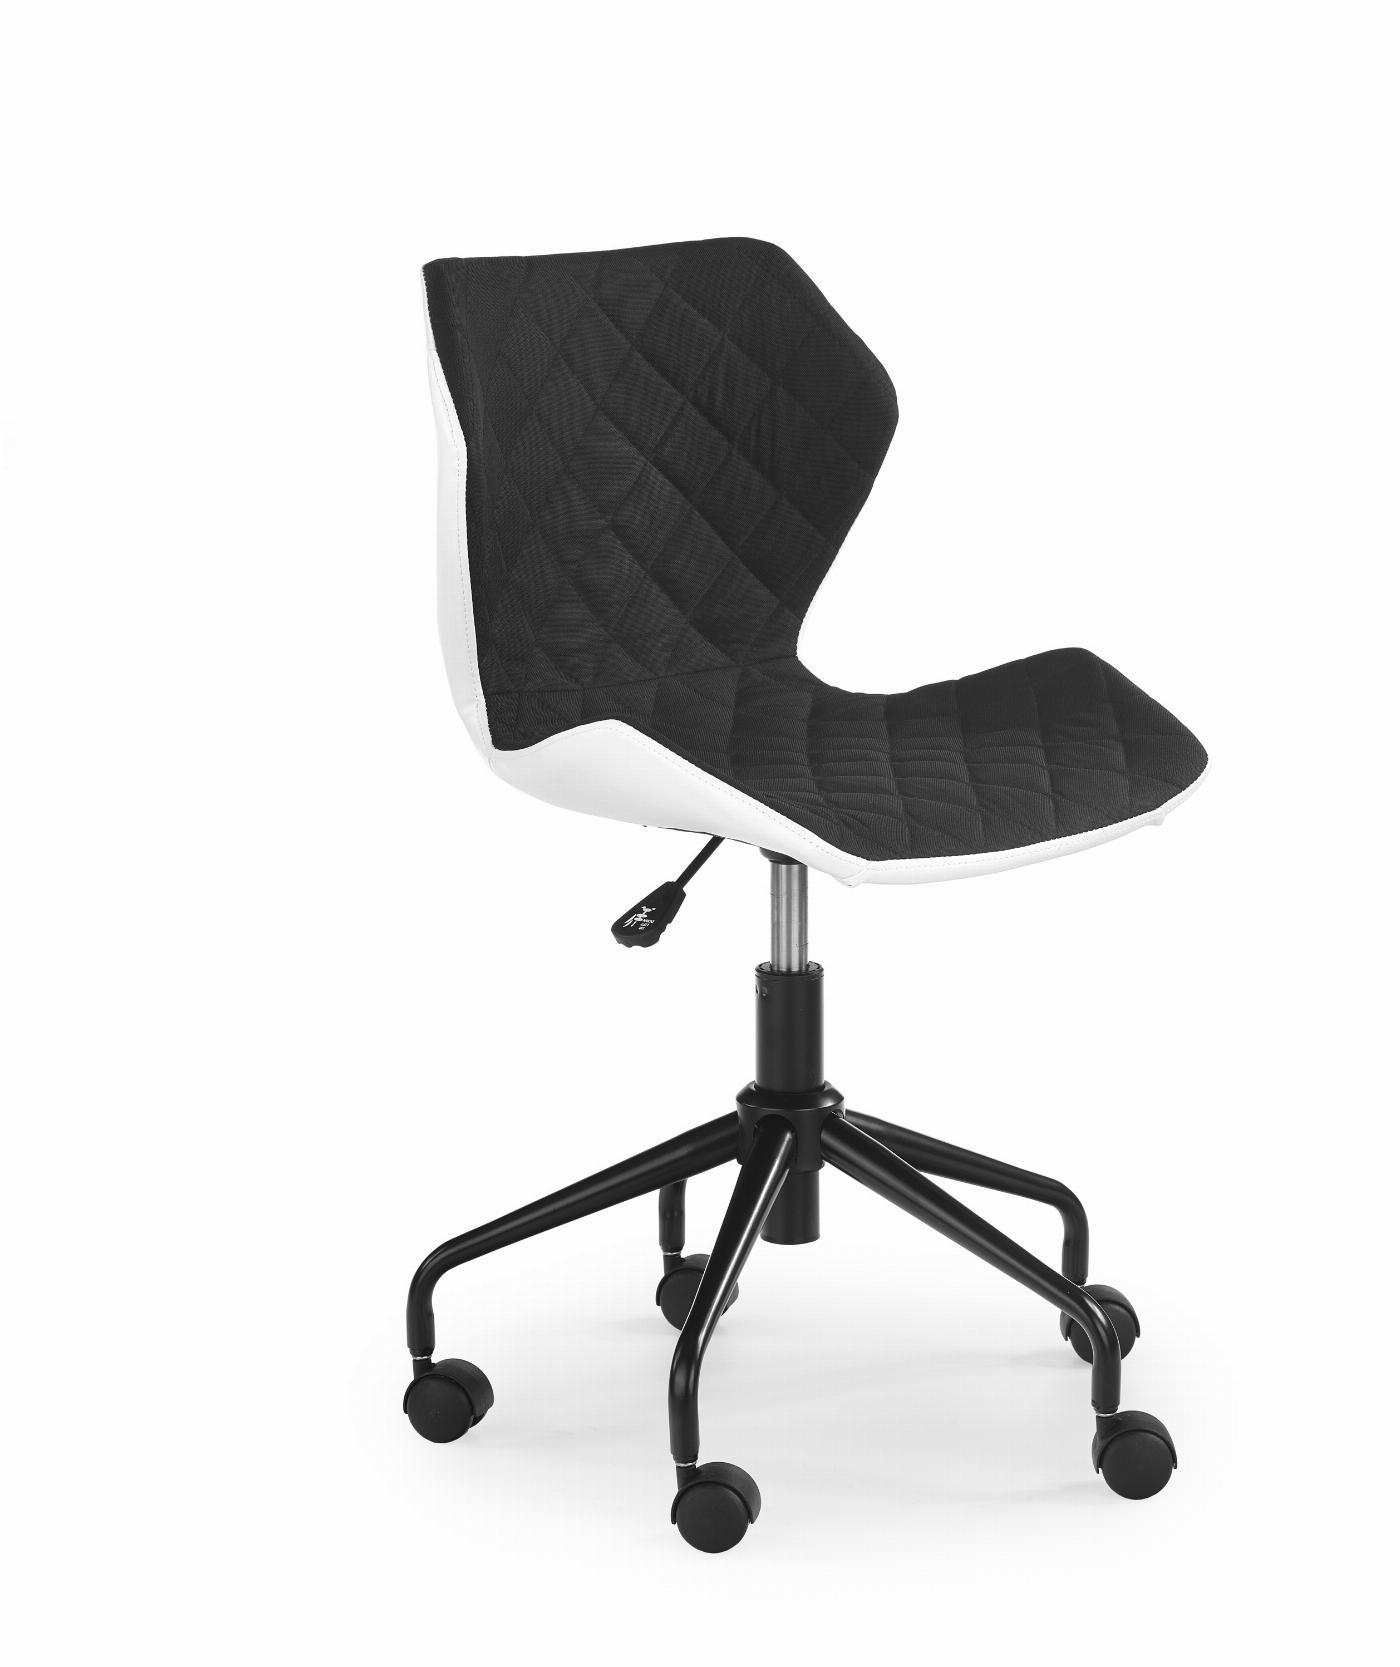 MATRIX fotel młodzieżowy biały/czarny (1p=1szt)